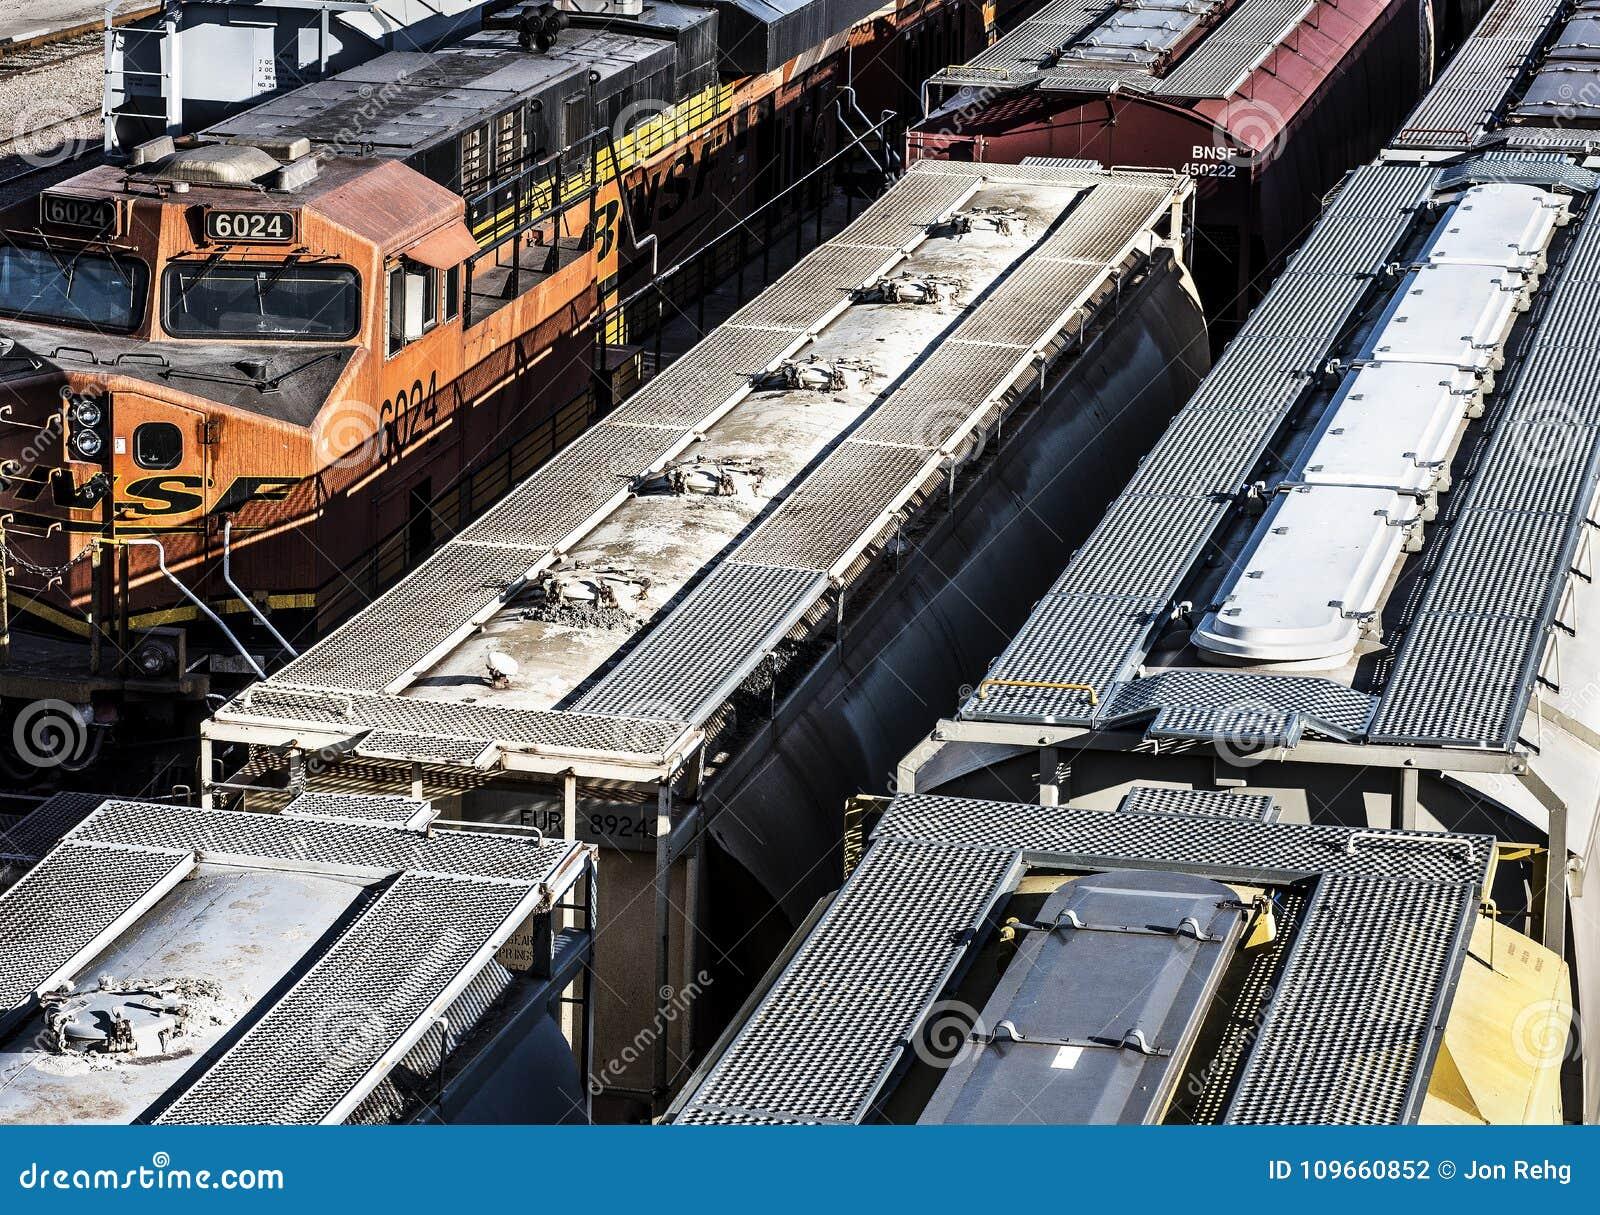 Сент-Луис, Миссури, объединенная Положени-около 2018 несколько линиев вагонов выровнянных вверх на следах в trainyard, покрытые х